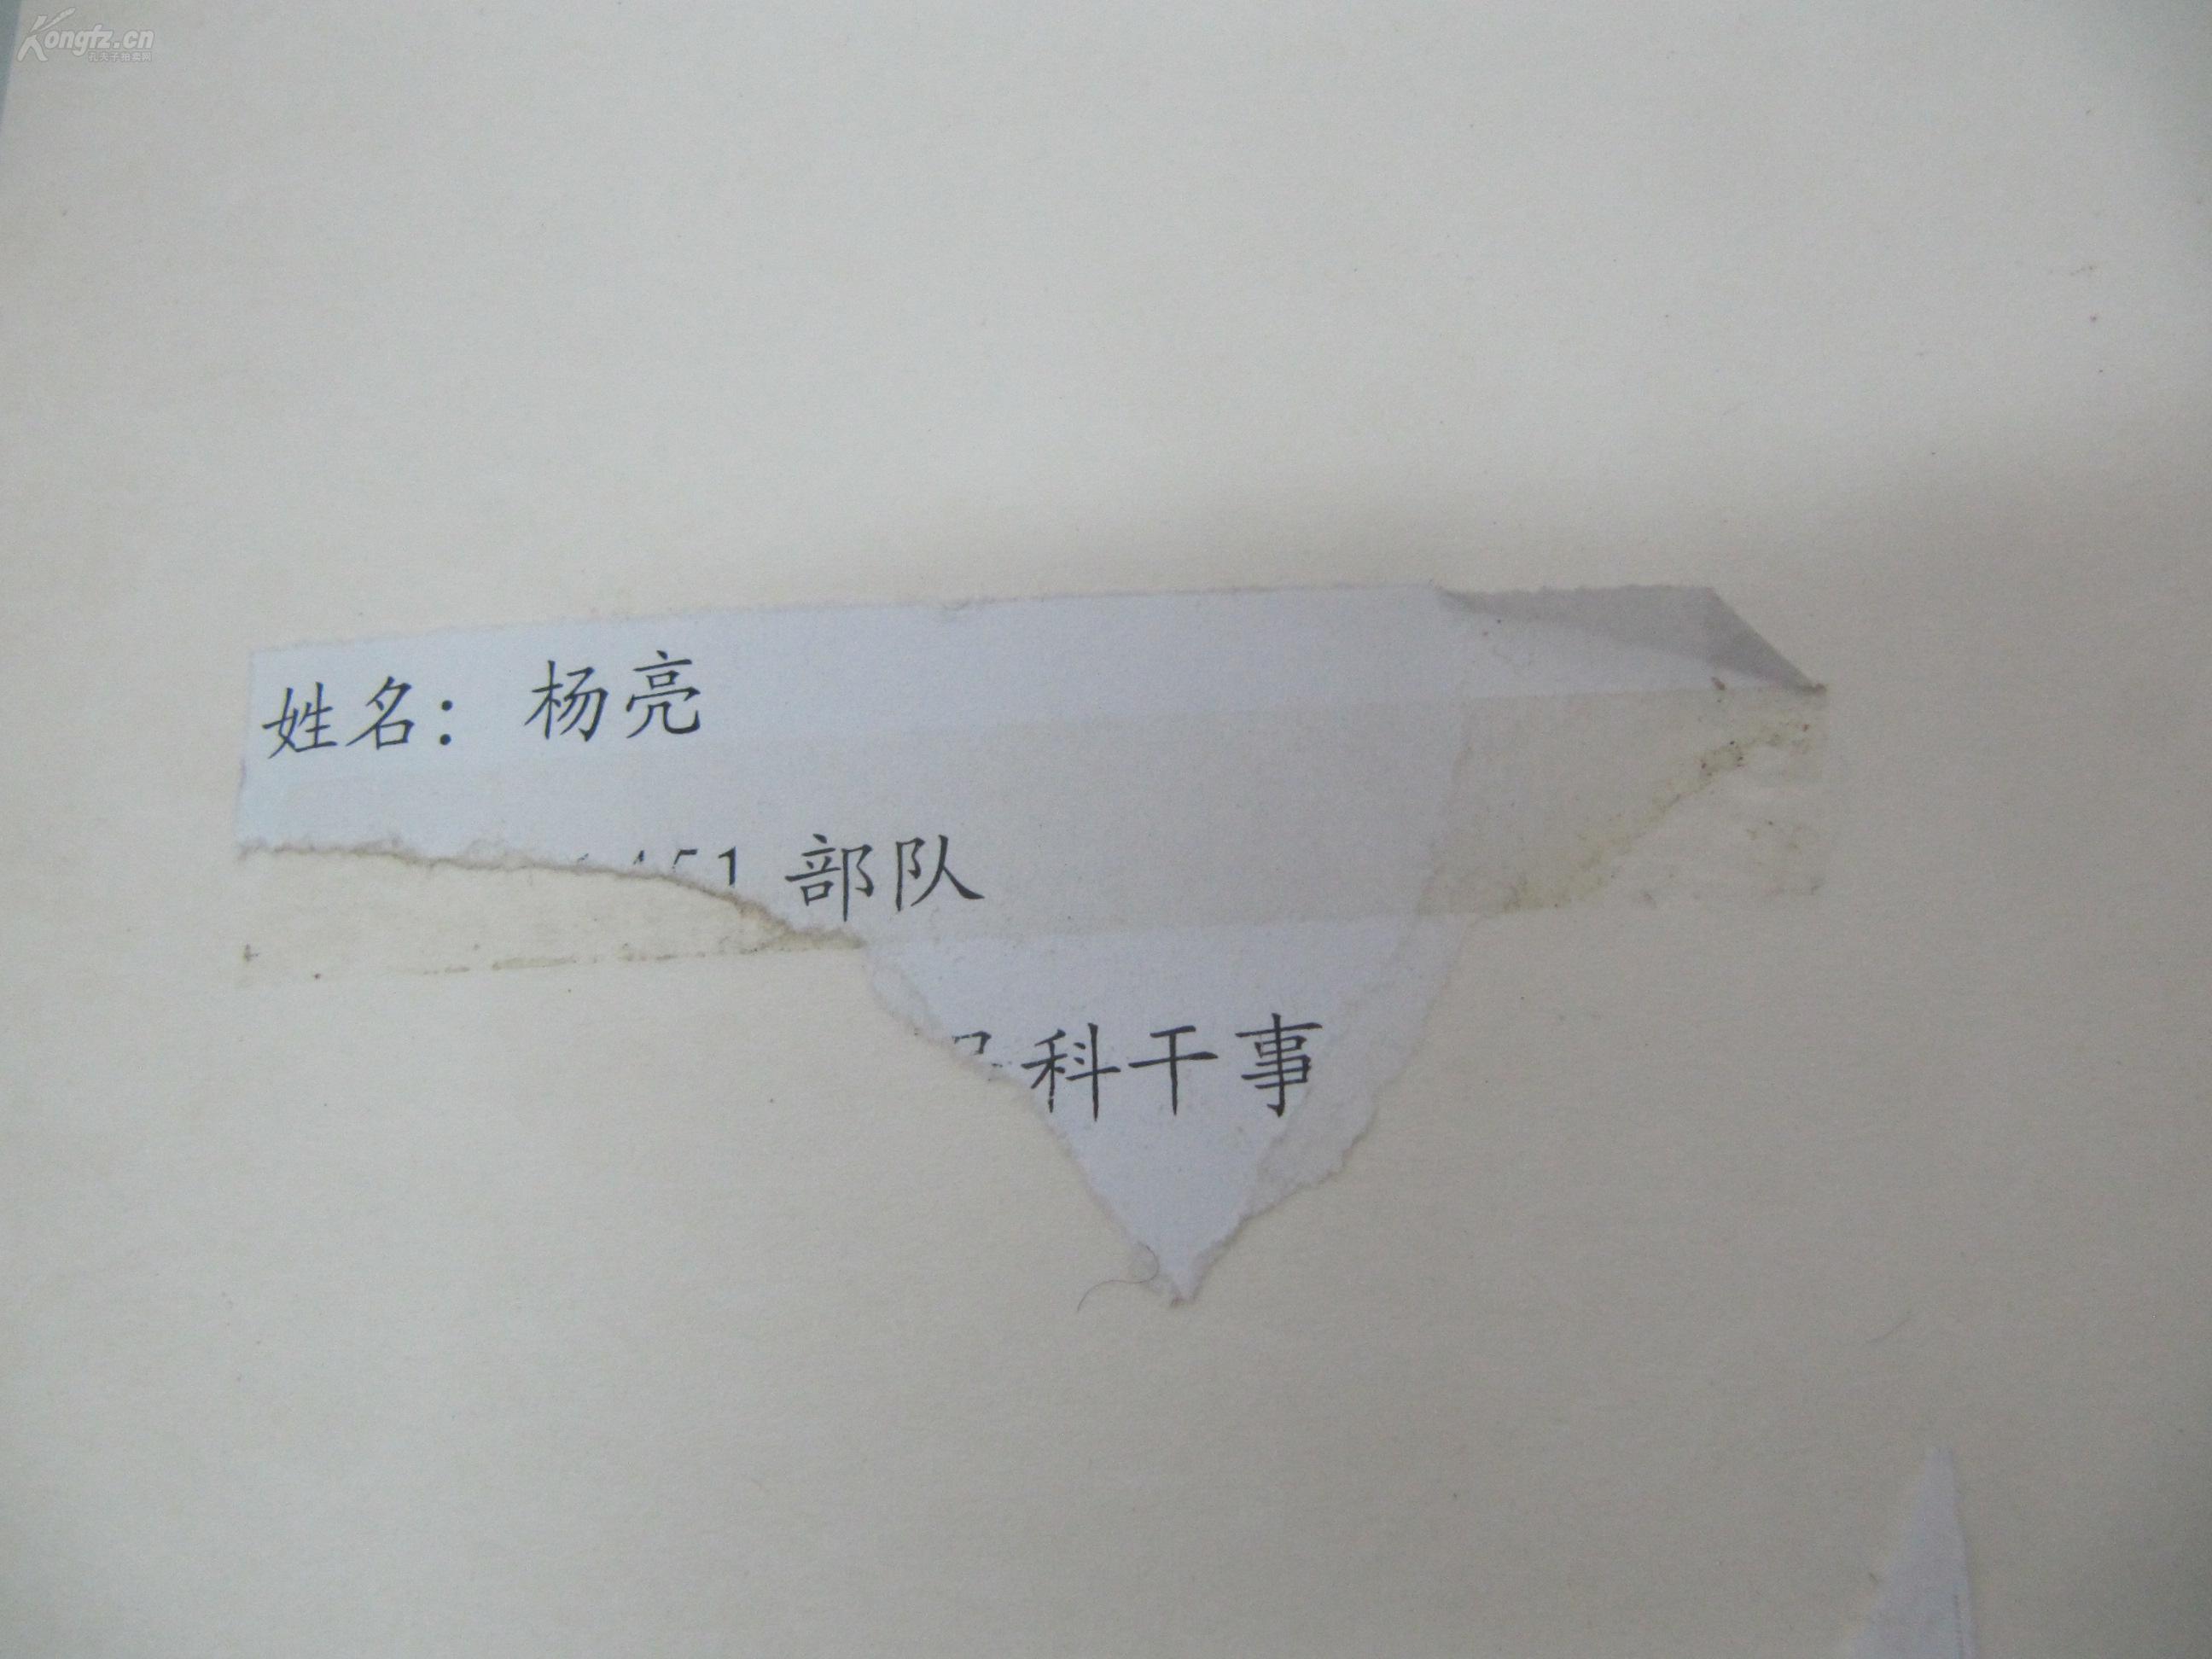 杨亮 军旅摄影照片一张 找乐 尺寸25 20厘米